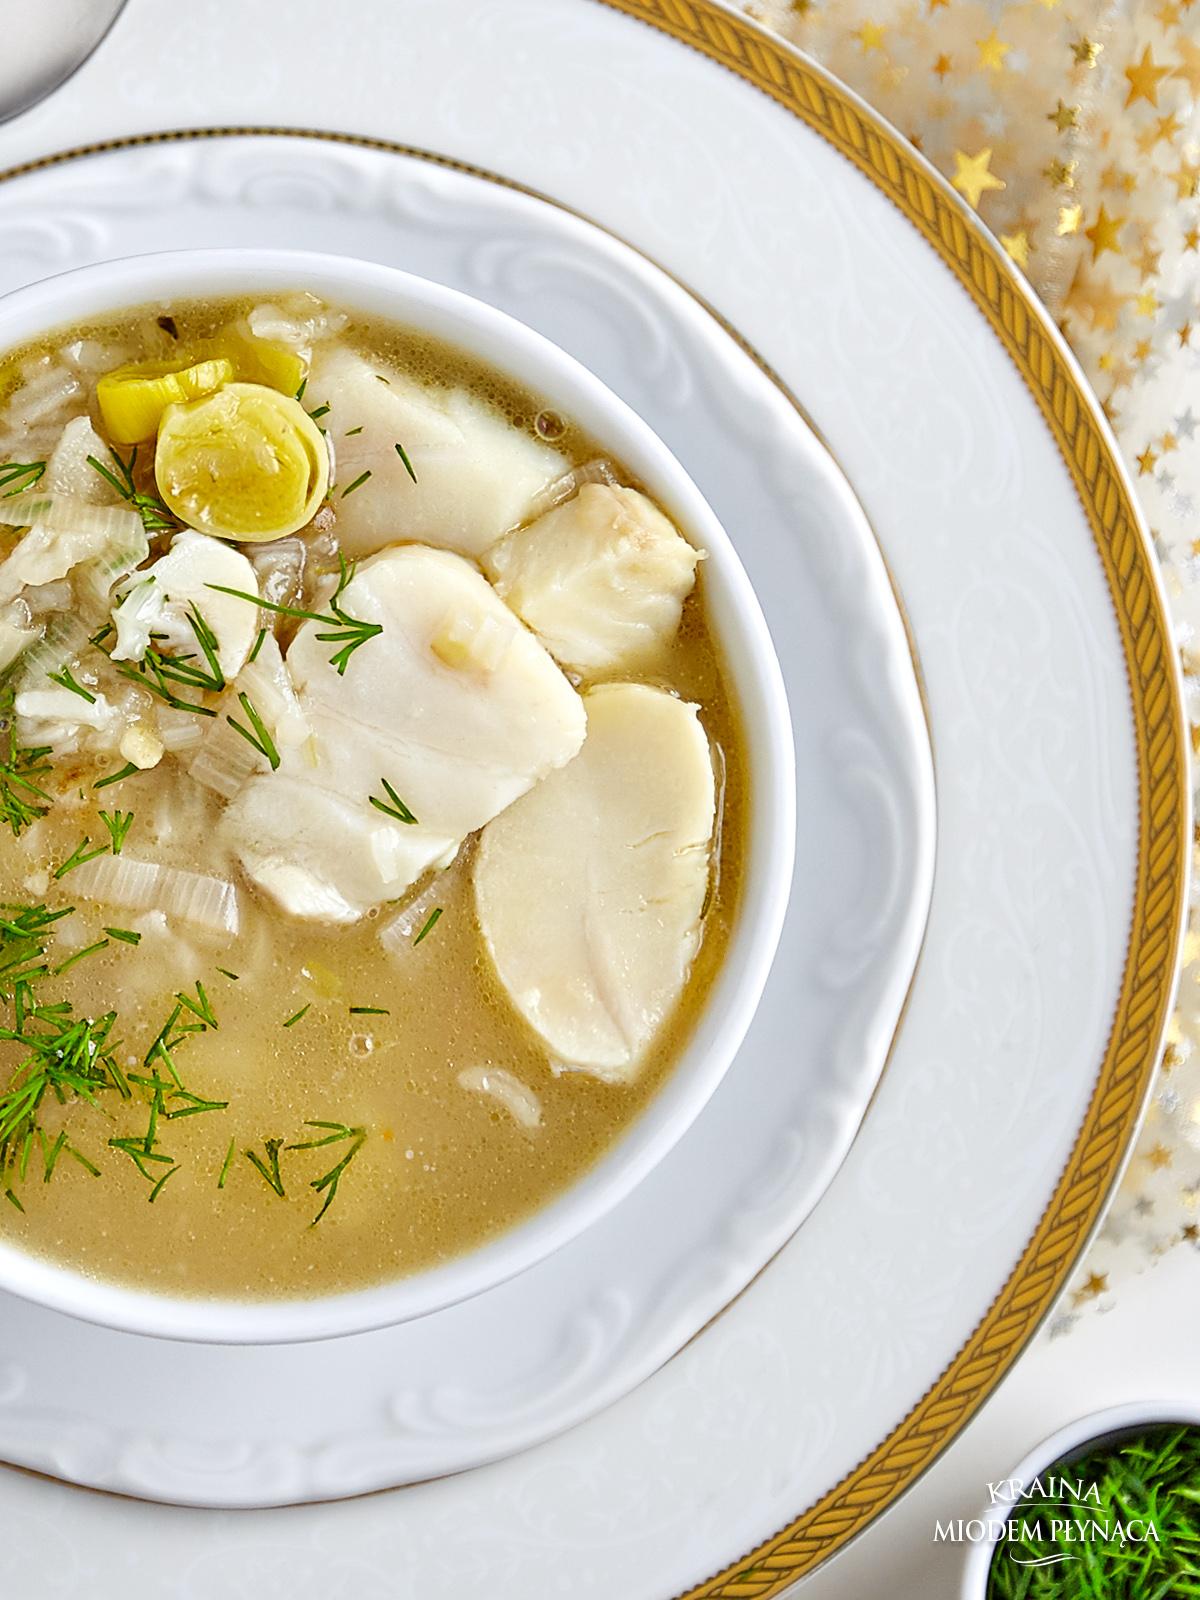 zupa rybna z dorszem, zupa z białej ryby, zupa z rybą, kraina miodem płynąca, fotografia kulinarna,